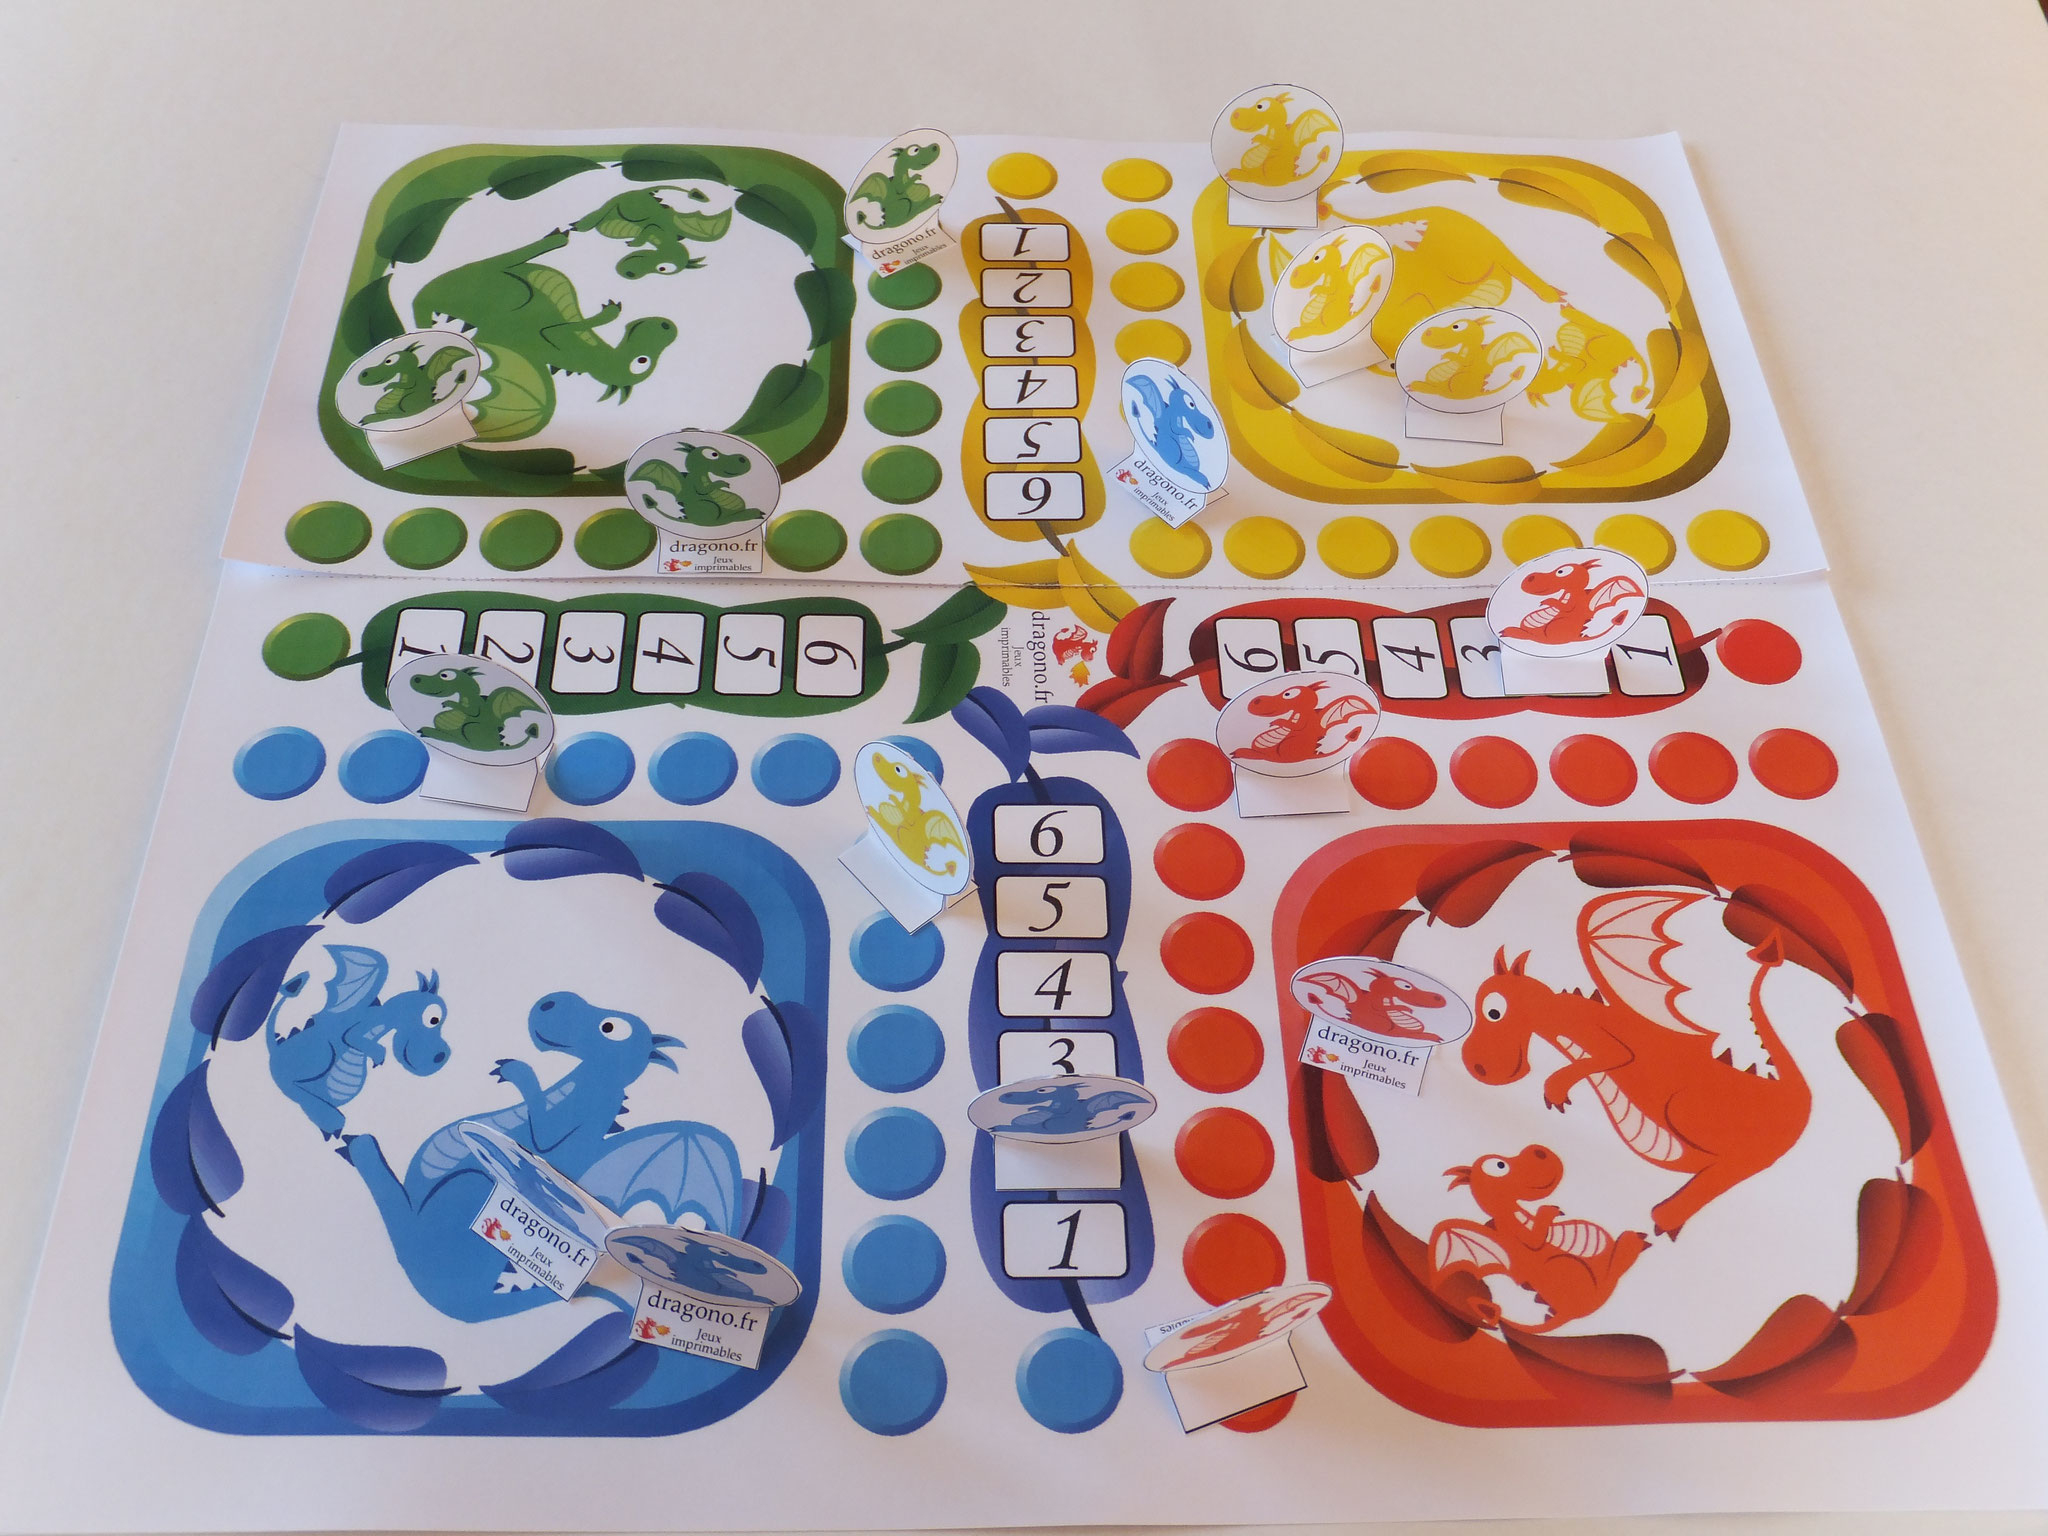 Jeux A Imprimer Pour Enfants, Famille, Ludiques, Éducatifs avec Jeux Educatif Enfant Gratuit